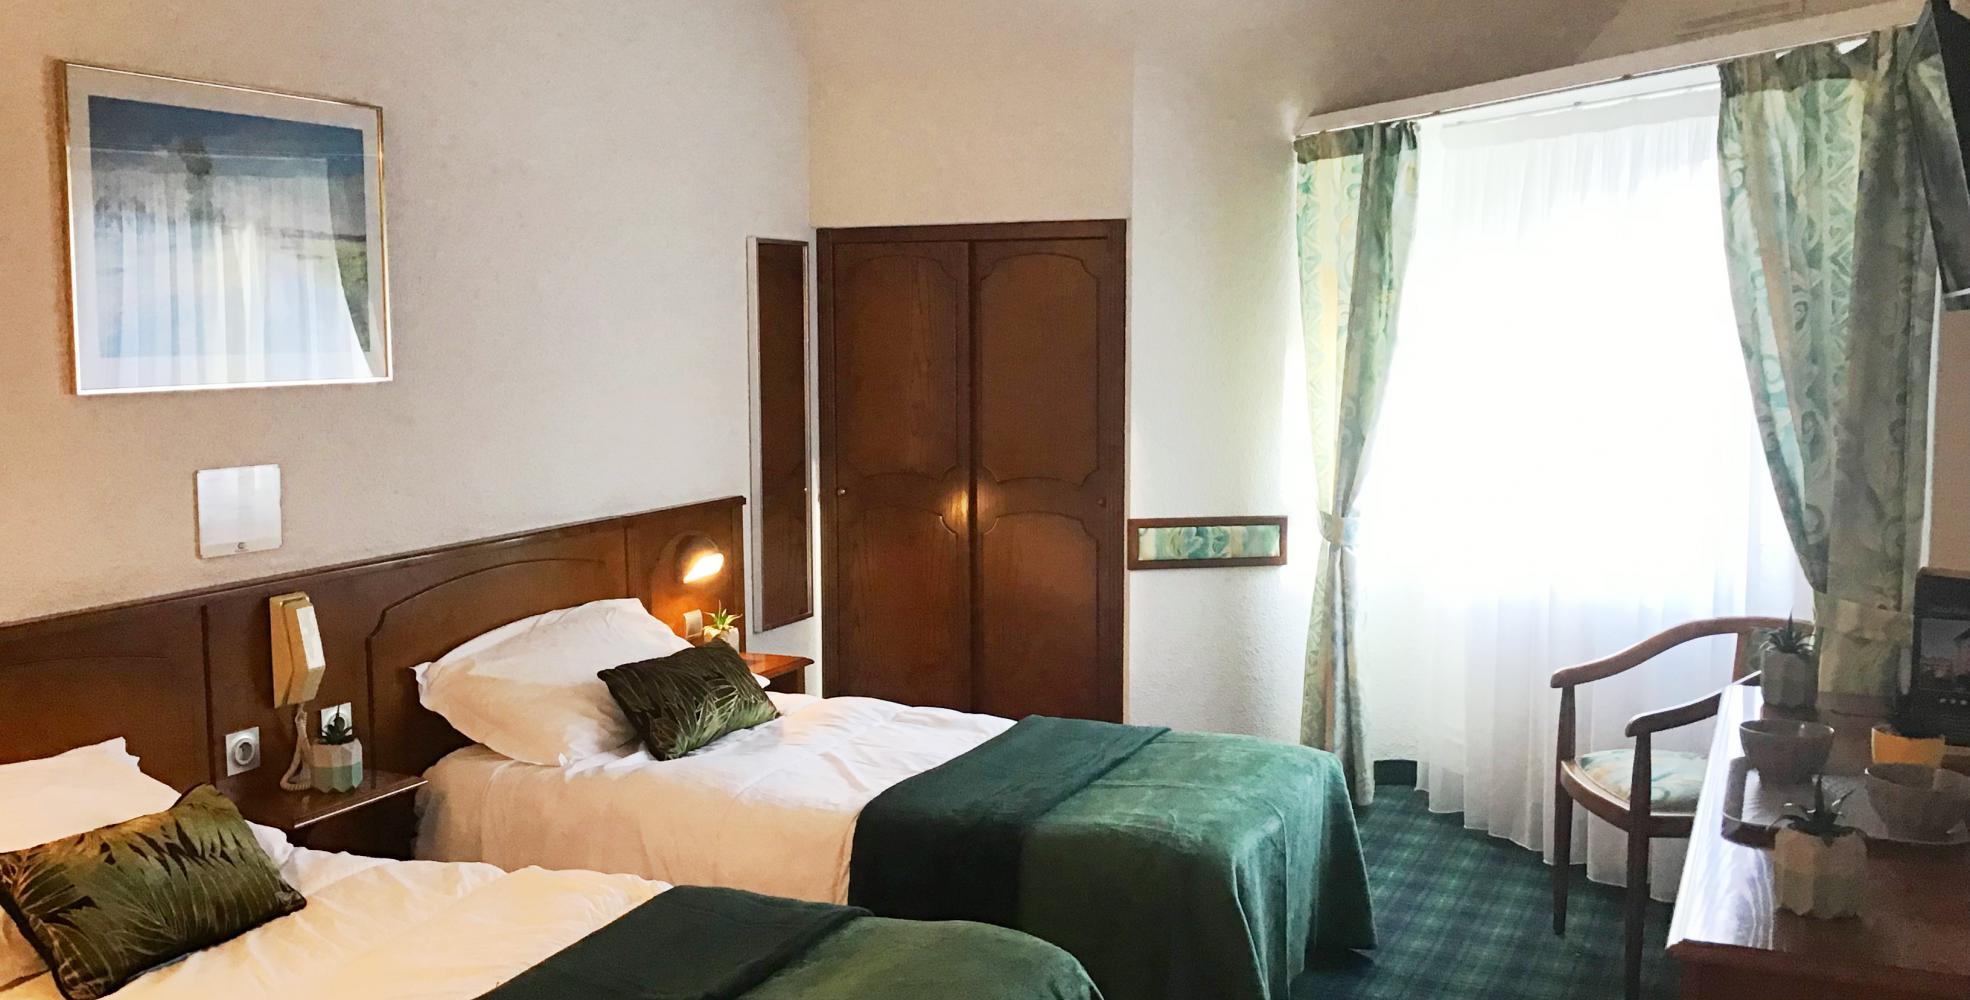 Chambre tout confort Hôtel Chirst Roi Lourdes 4 étoiles